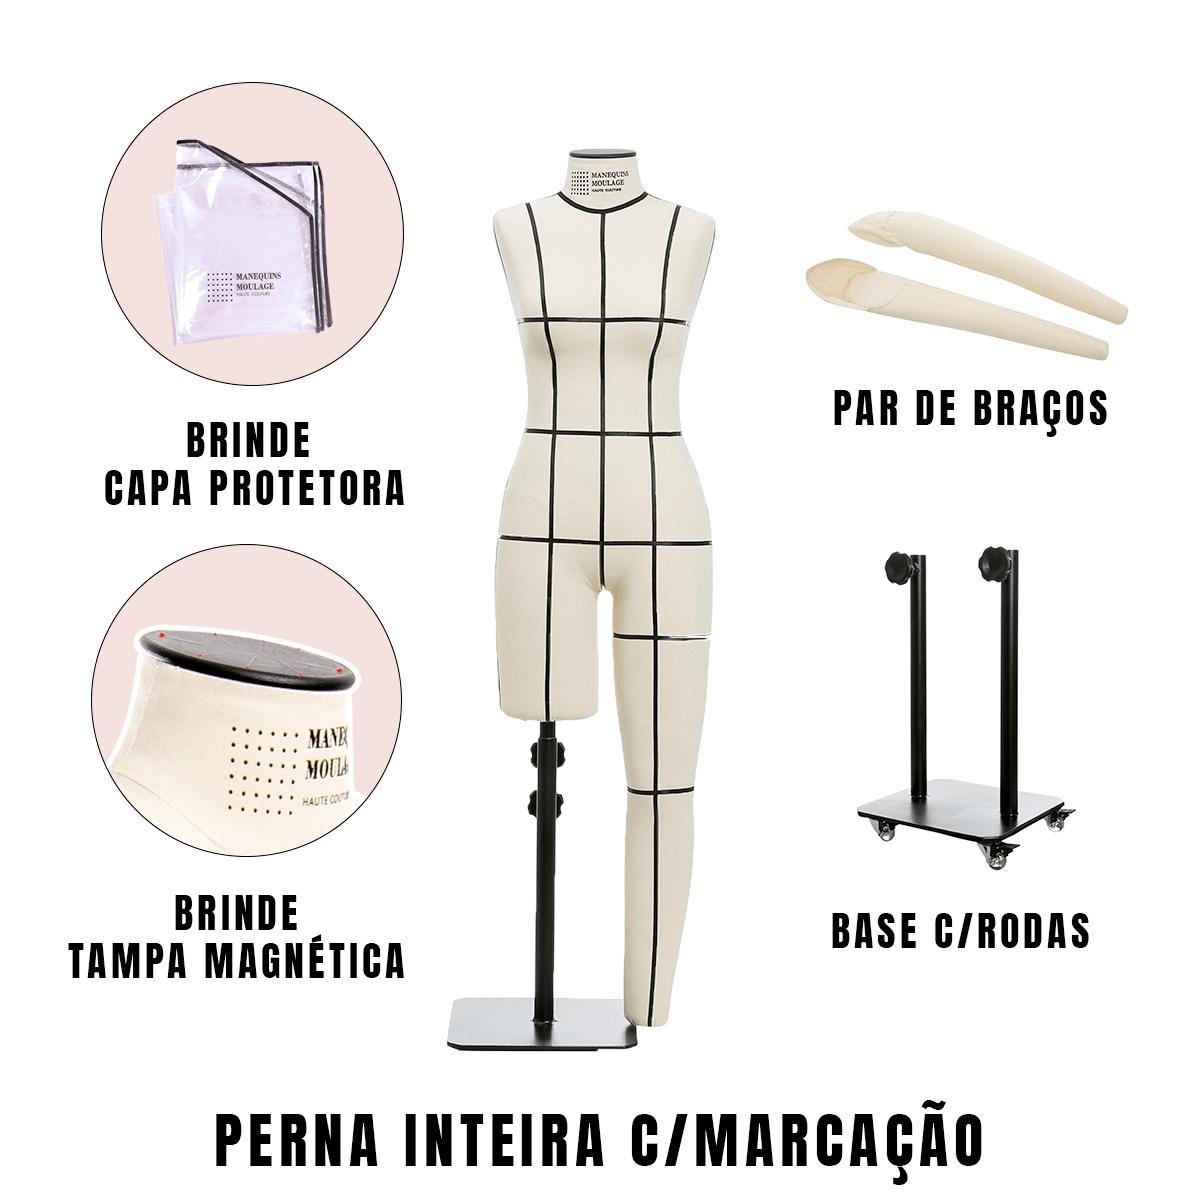 Manequim Feminino Perna Inteira Tamanho 44 com Braços, Rodas e Marcação - SOB ENCOMENDA